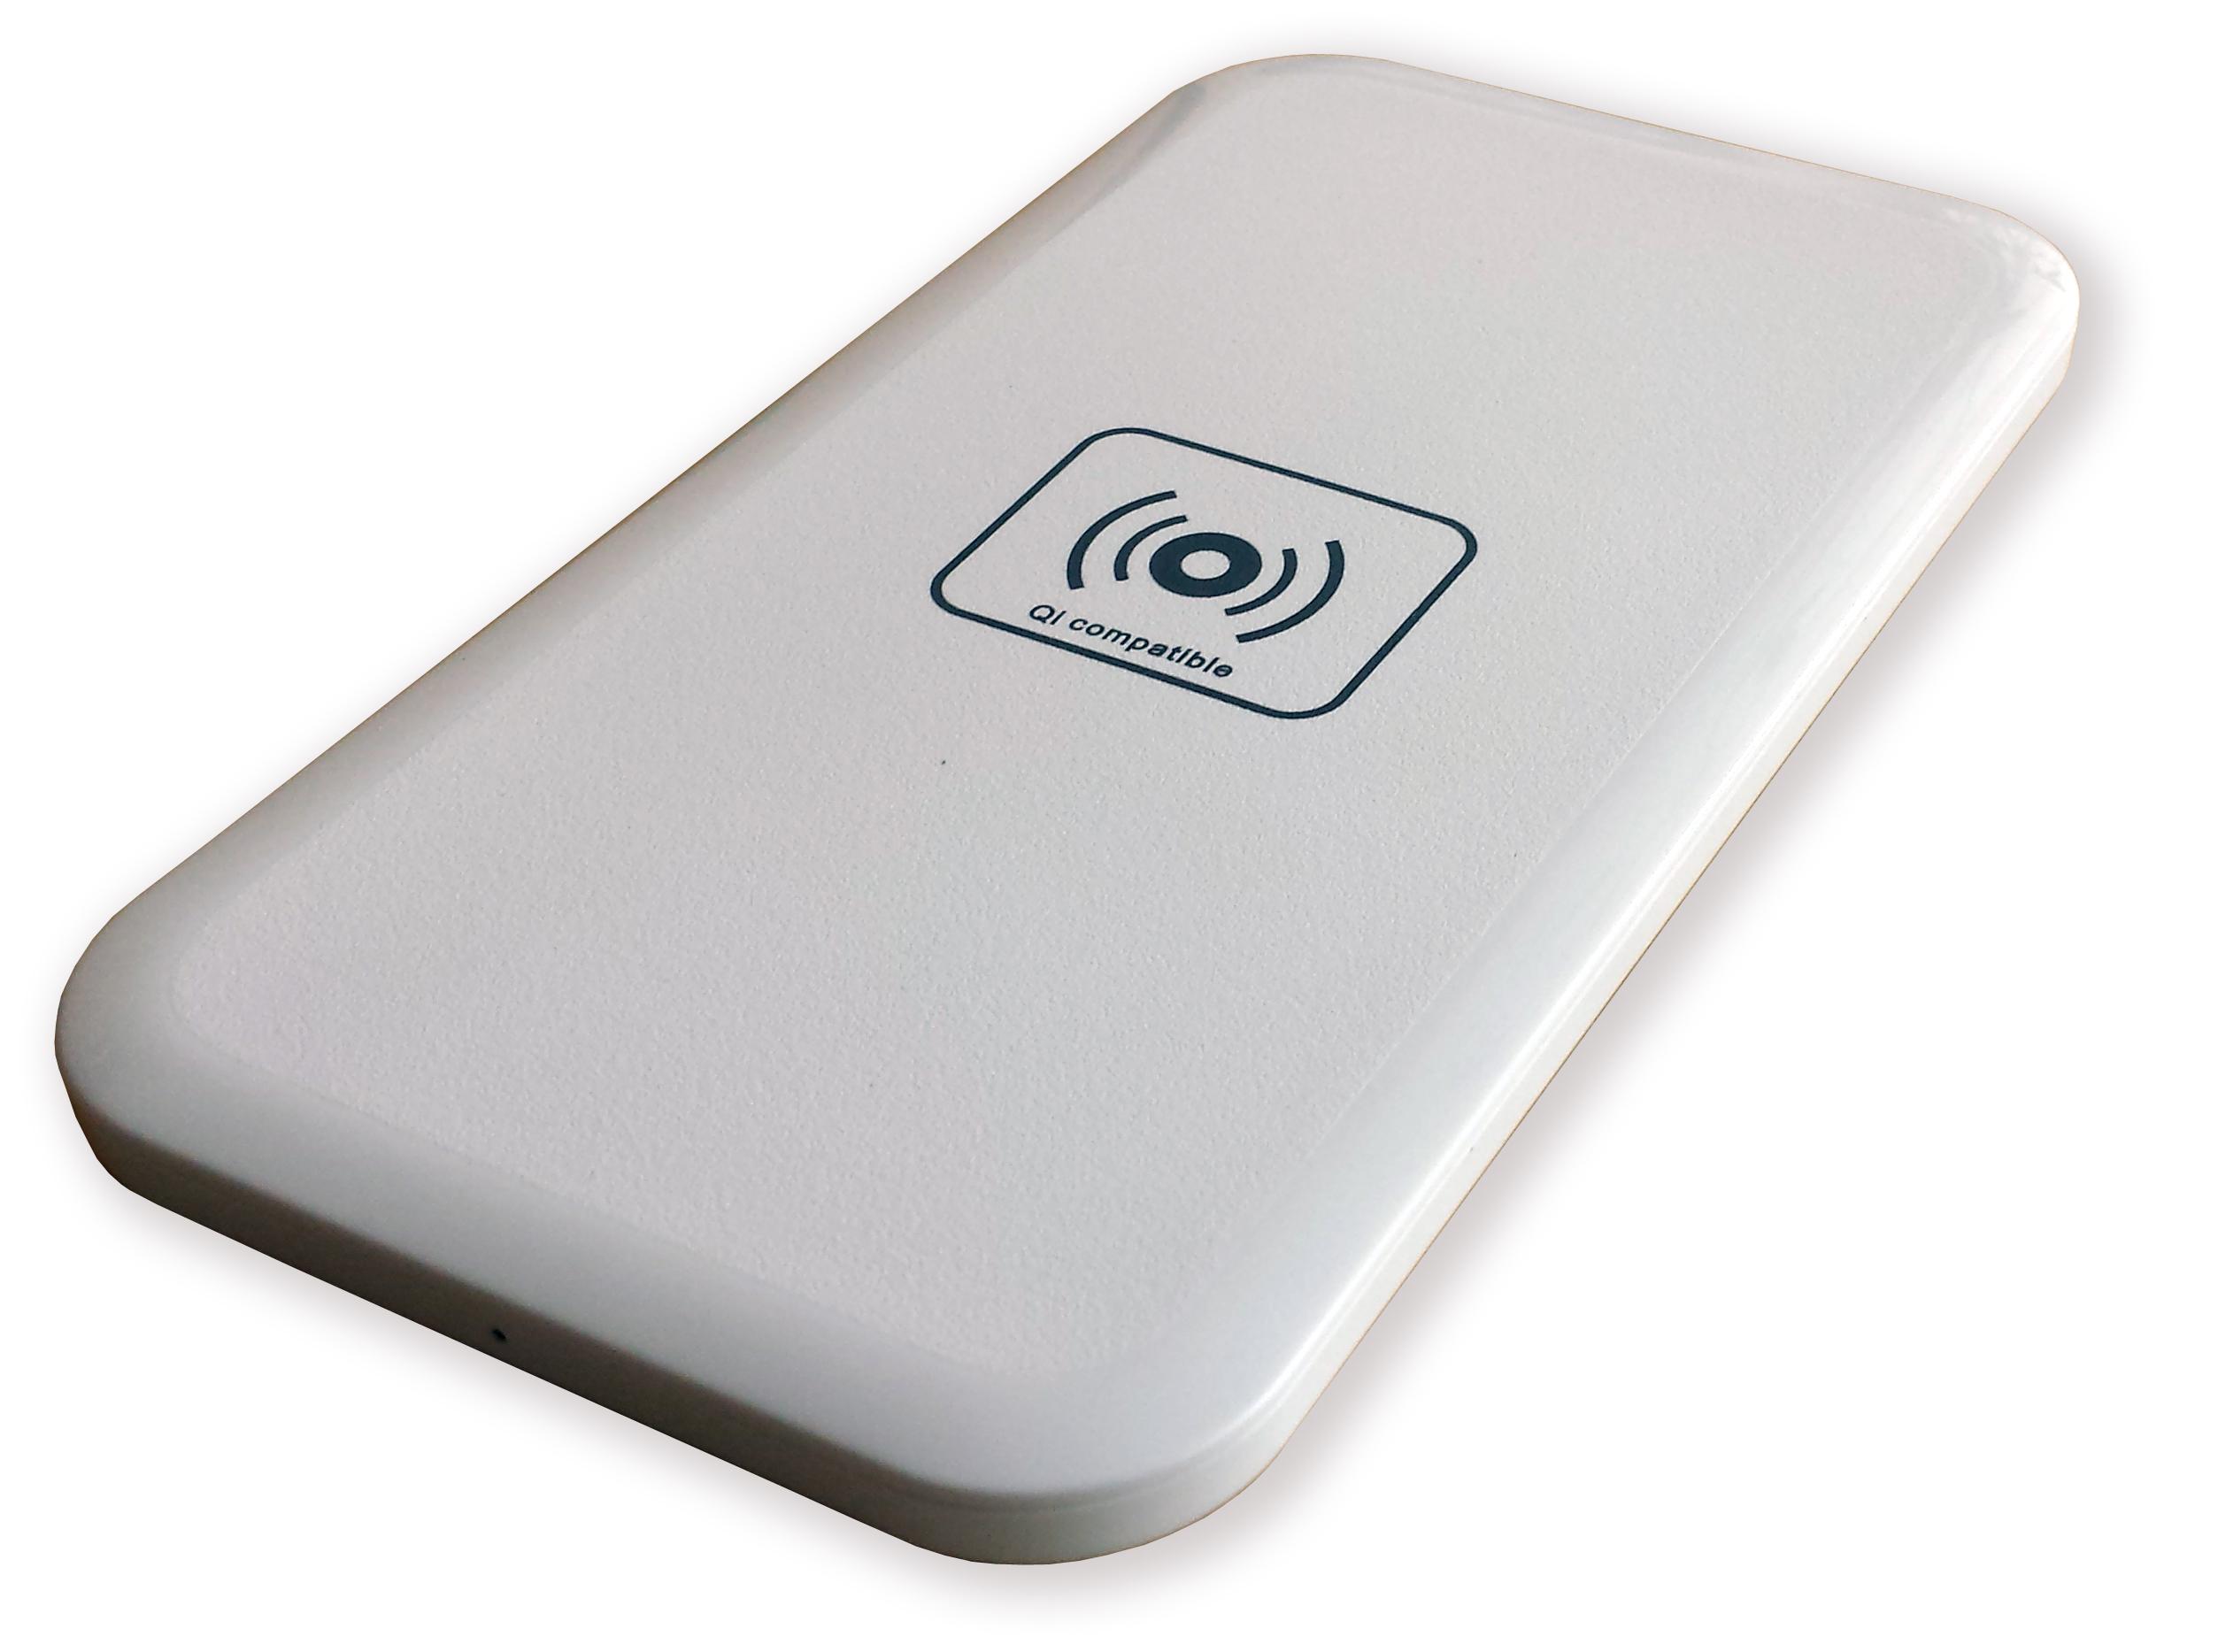 MKF-WT1 bezdrátová nabíječka pro mobilní telefony